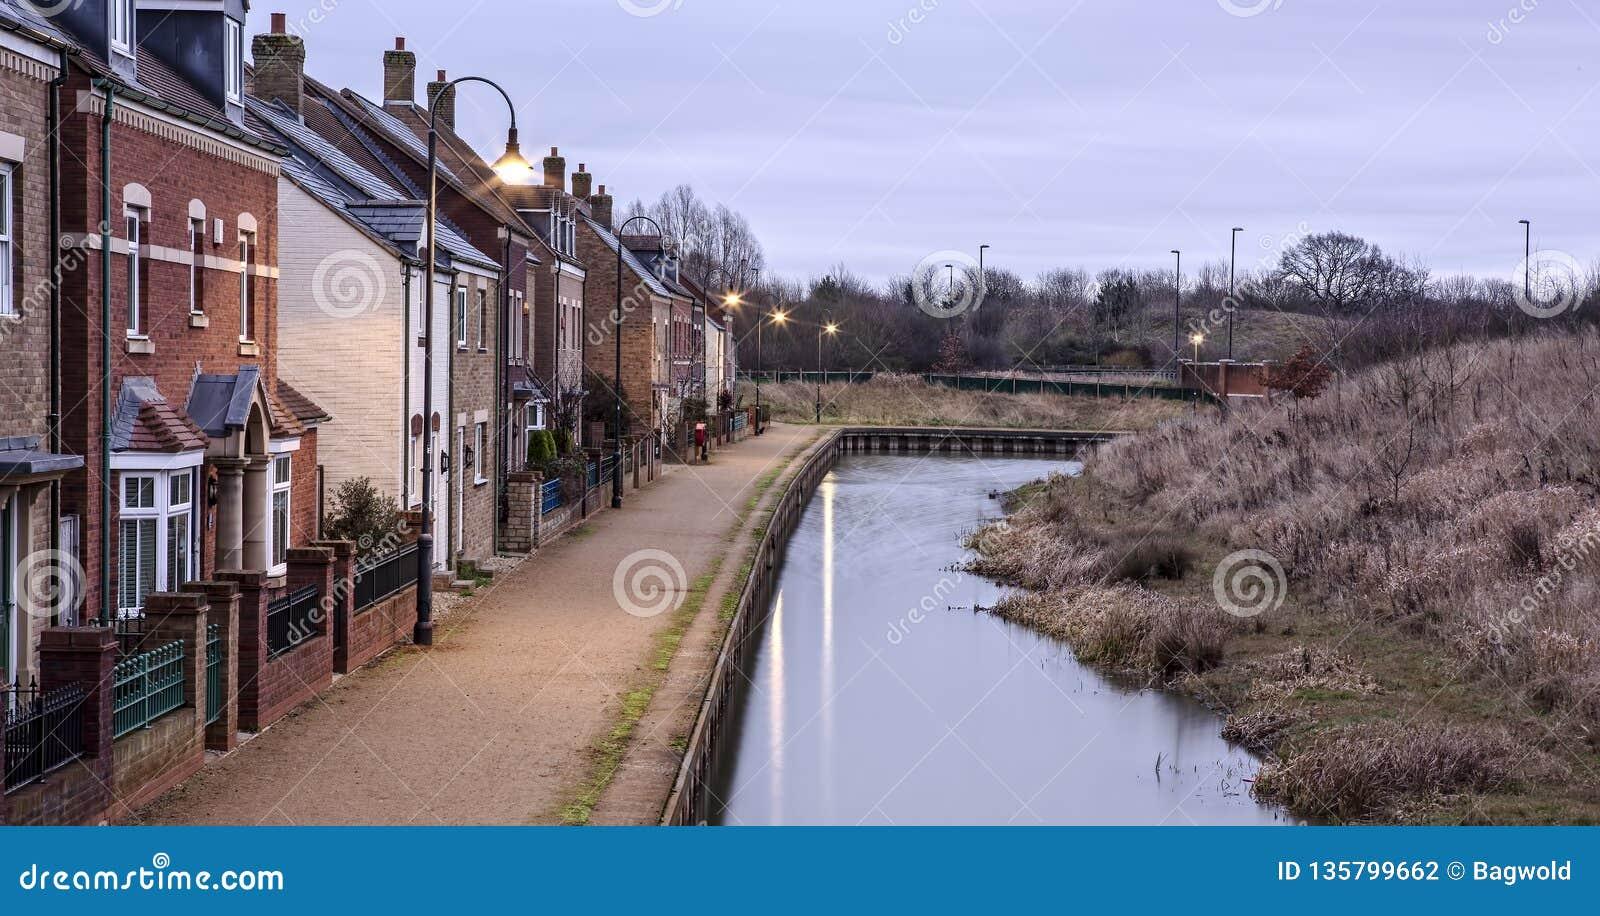 Canal-side living in Swindon`s East Wichel